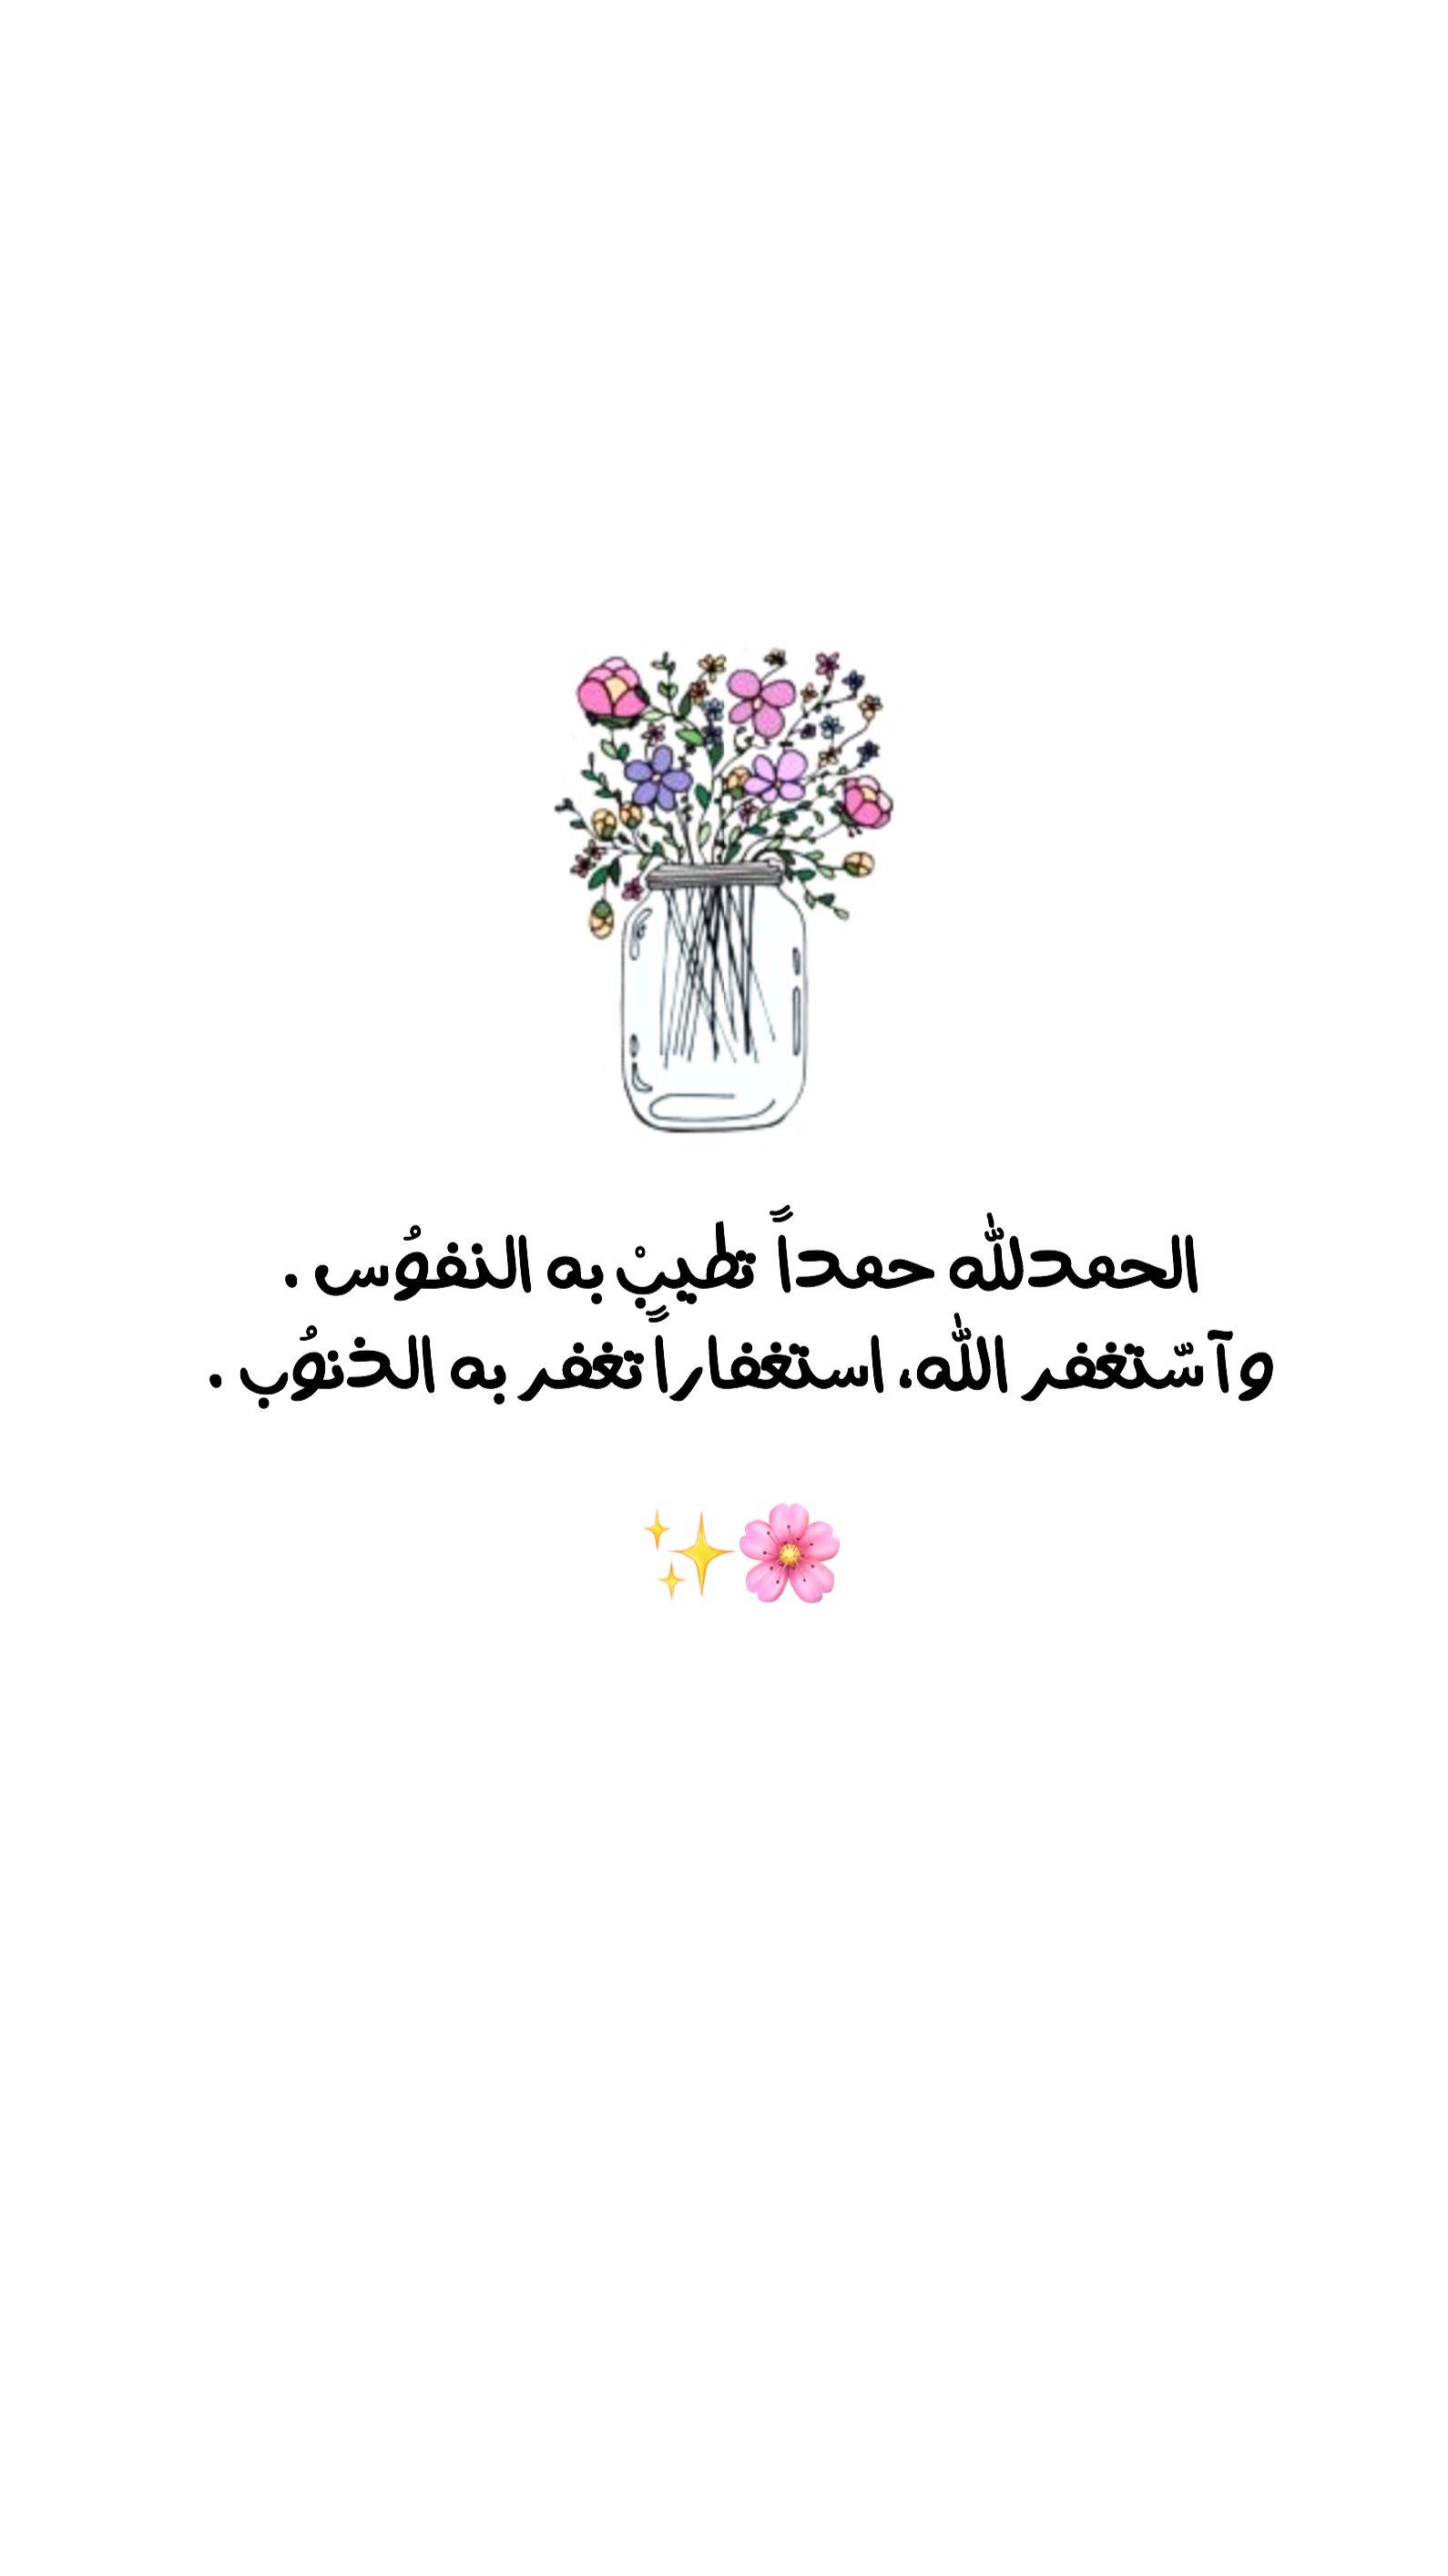 الحمدلله استغفرالله Islamic Quotes Ramadan Islam Quran